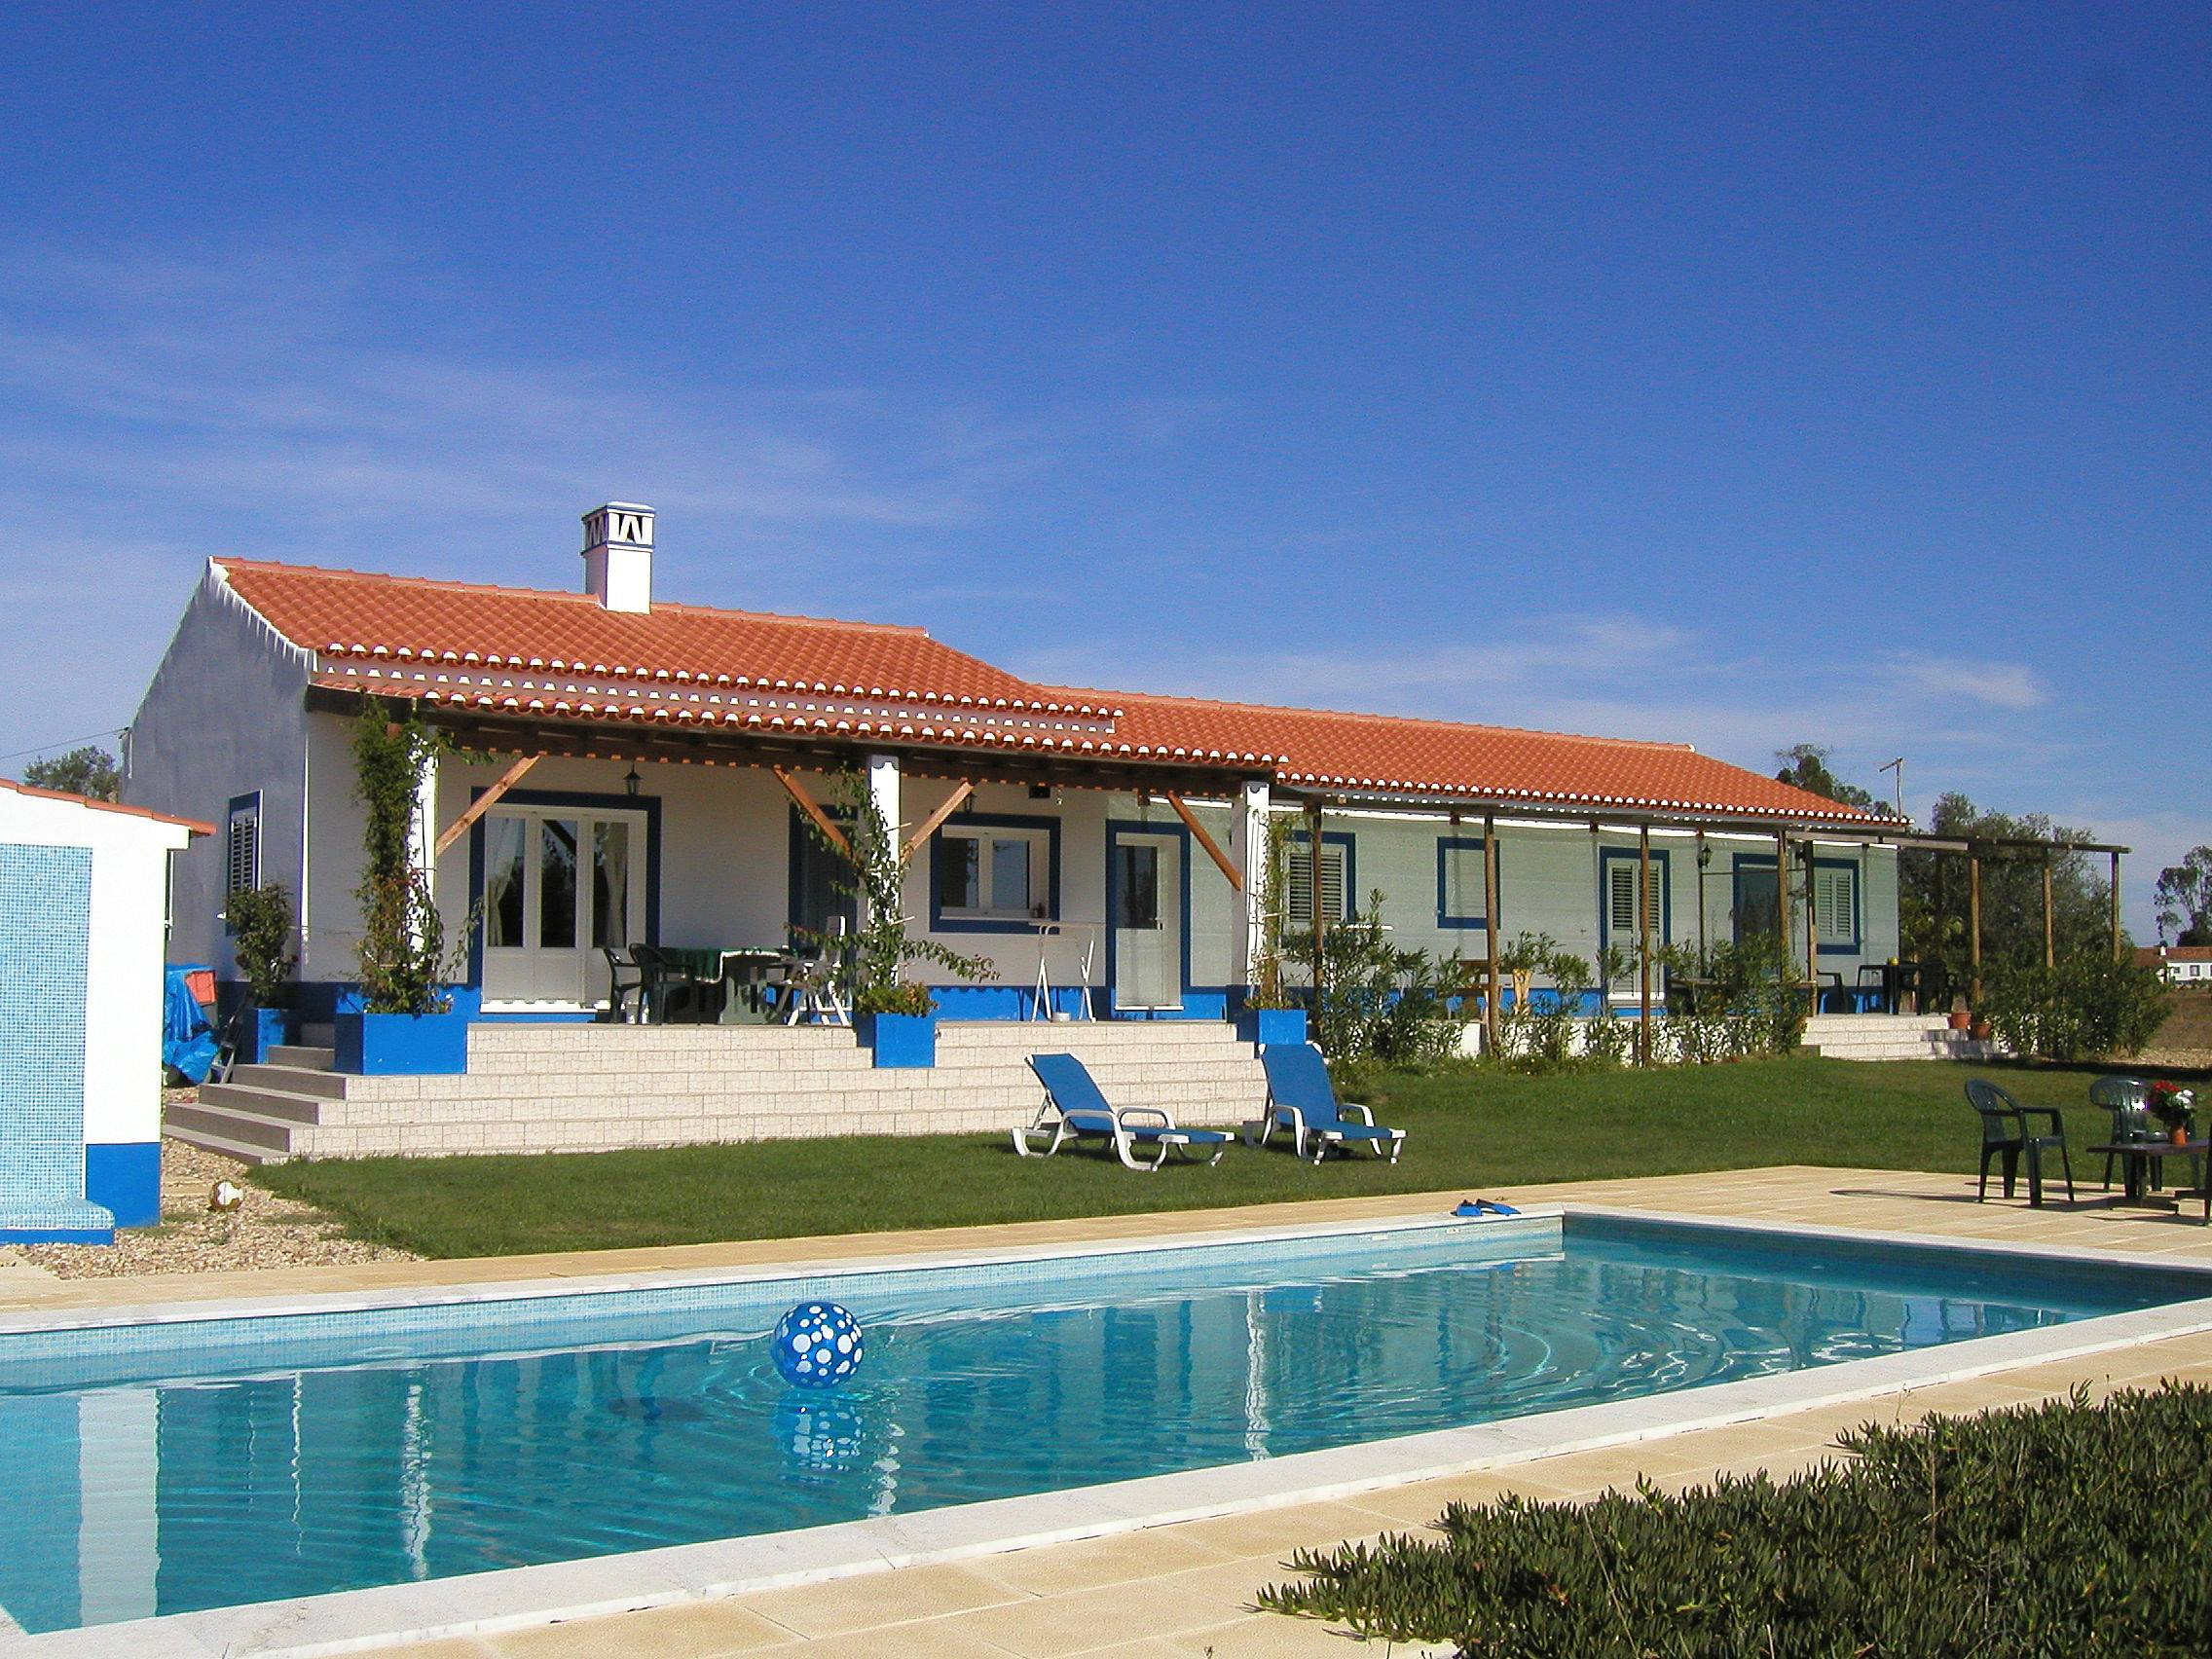 Quinta em alentejo com piscina ferreira do alentejo beja - Alquiler de casas en portugal ...